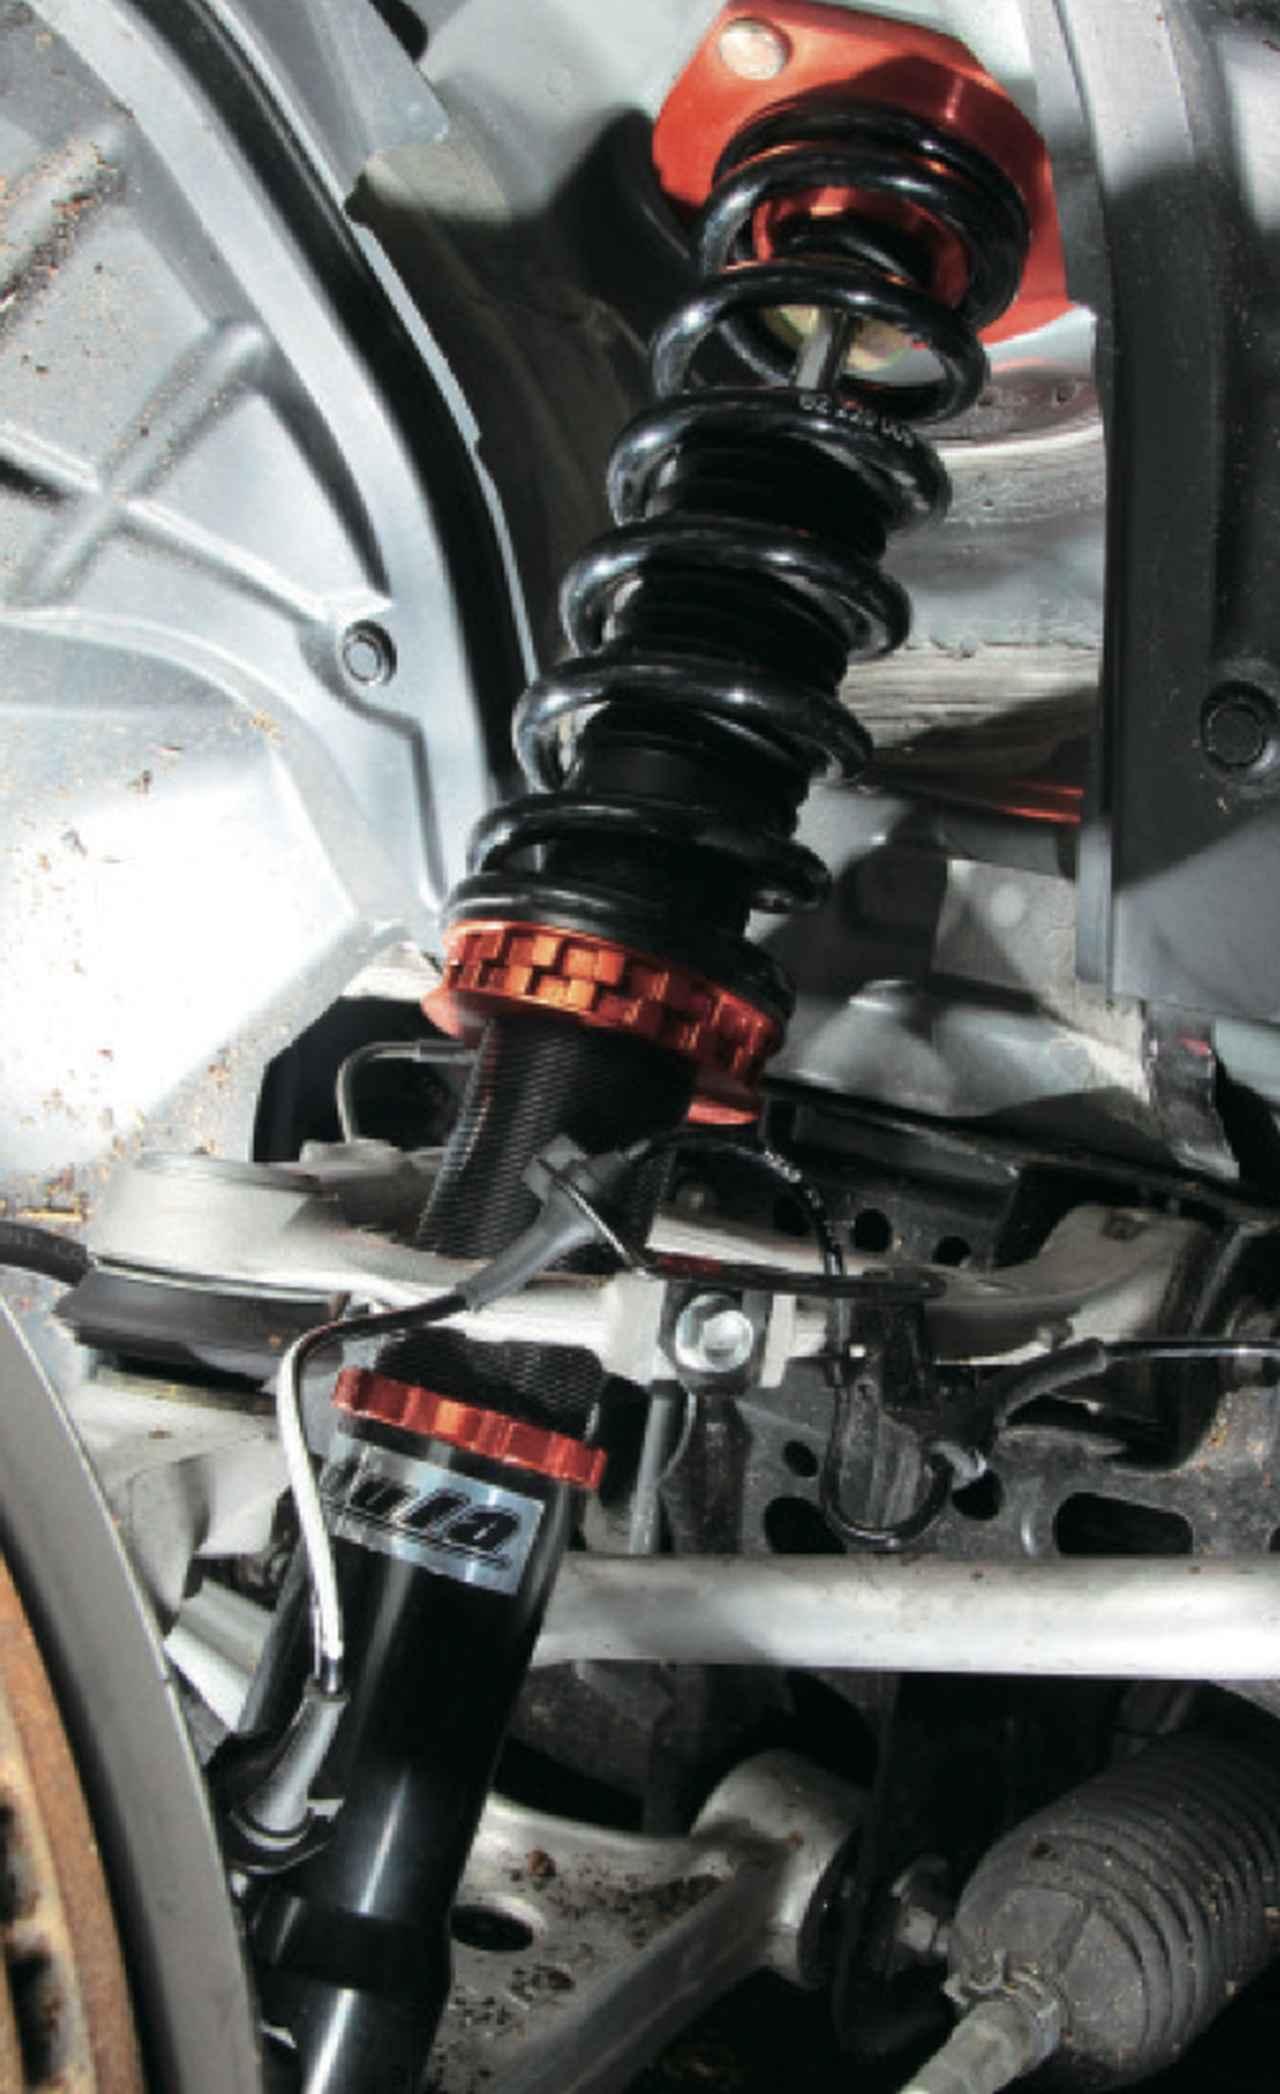 """画像1: 低価格を実現しながら、細部までこだわり抜いたオリジナル車高調の""""蹴脚""""。バネレートはフロント5㎏/㎜、リア3㎏/㎜に設定し、リアにはテンダースプリングを採用する。 www.motormagazine.co.jp"""